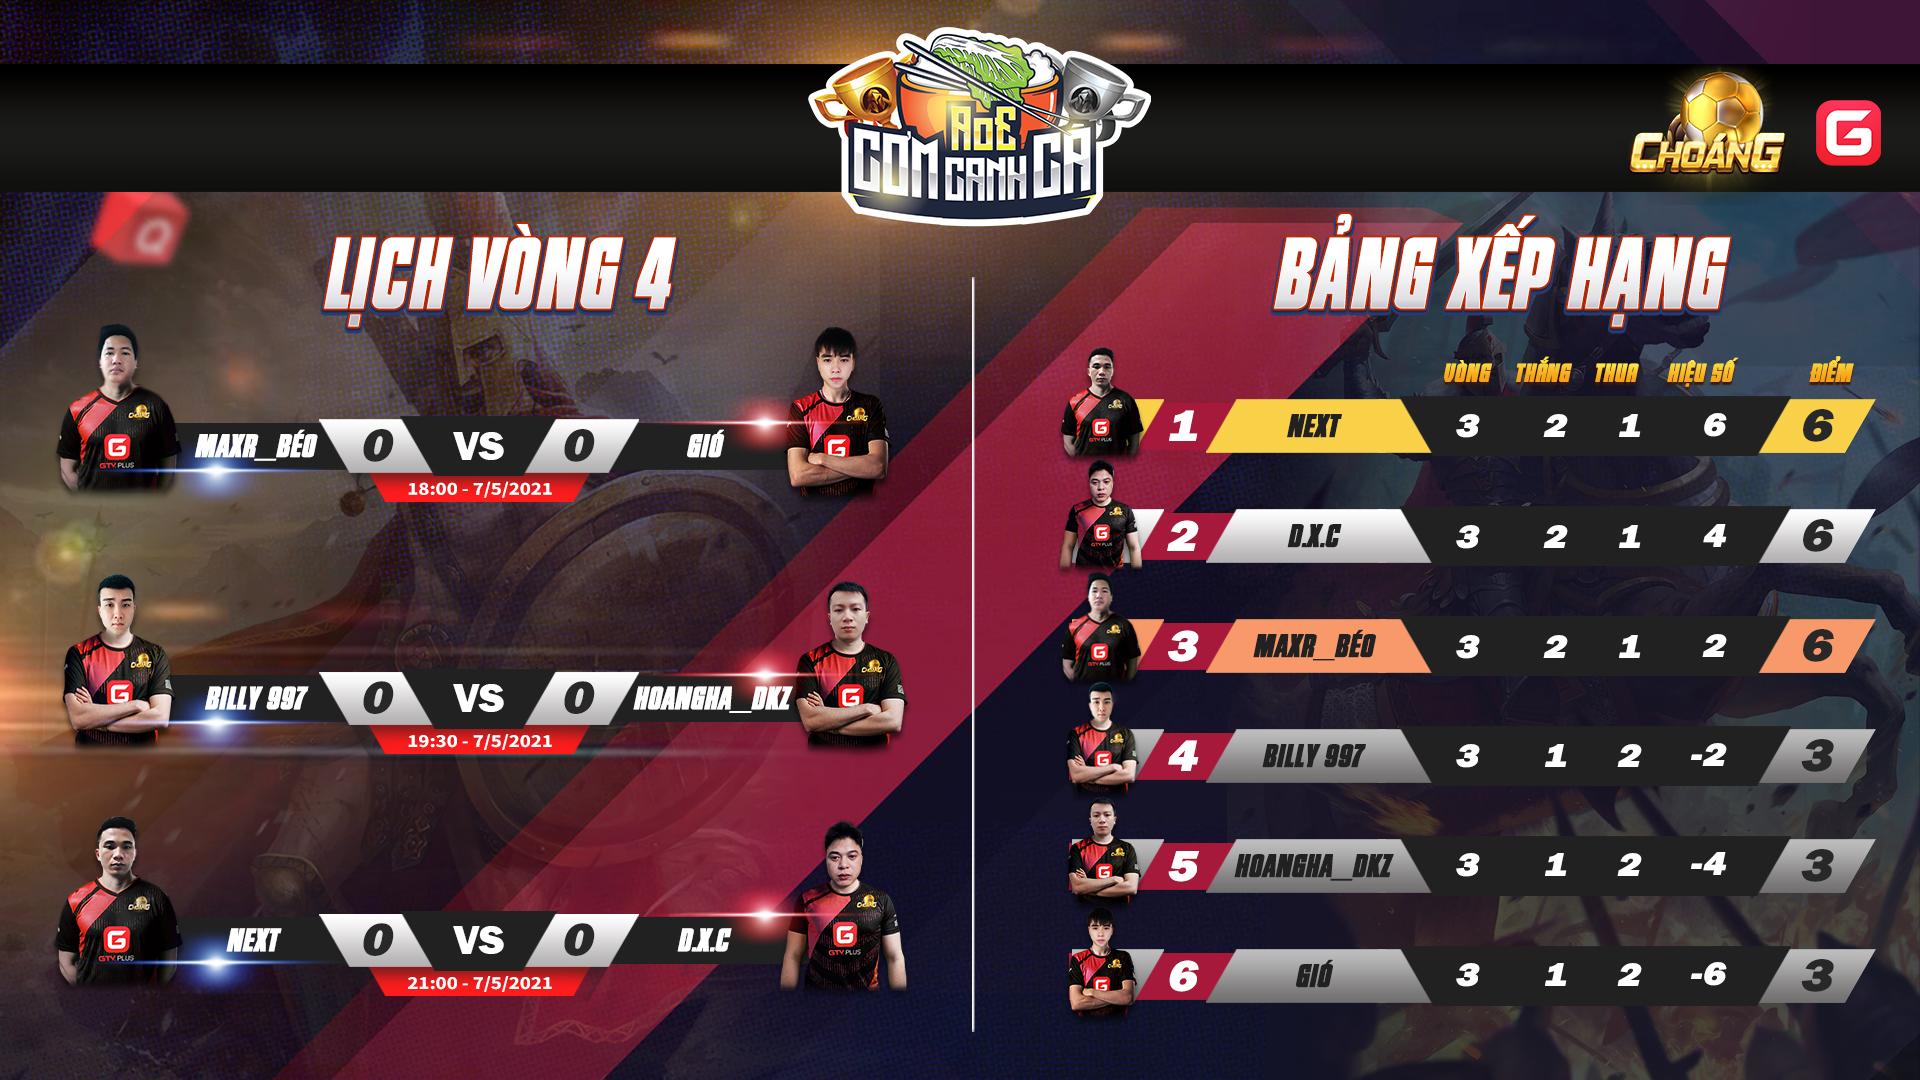 Lịch thi đấu ngày 7 tháng 5 giải đấu AoE Cơm Canh Cà Cúp Choáng lần thứ nhất